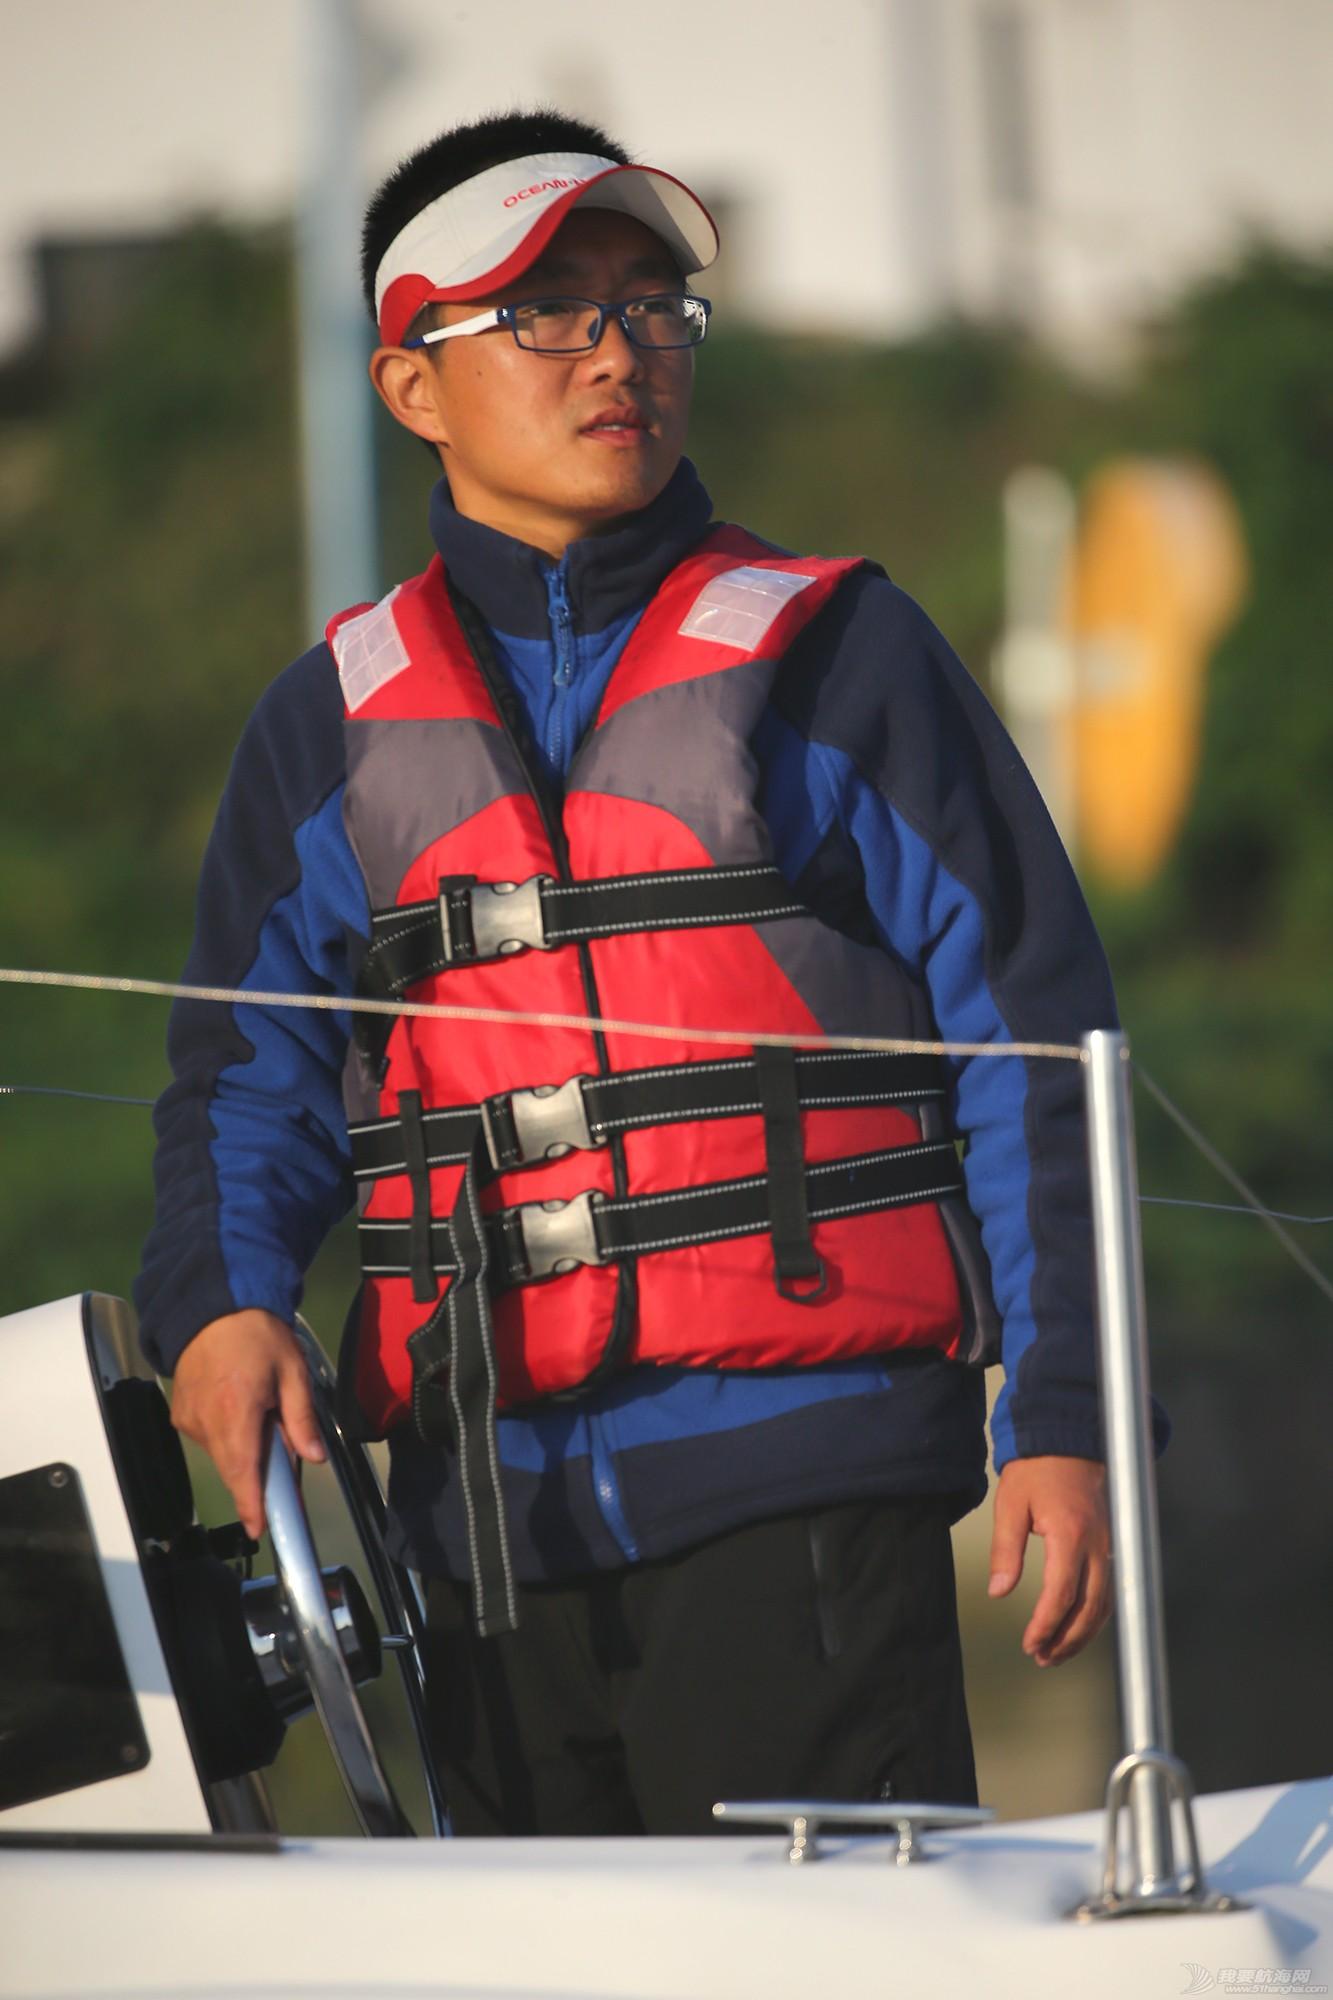 """拉力赛,帆船,太湖 2016""""菱湖湾杯""""环太湖帆船拉力赛参赛船队、船员风采 E78W1793.JPG"""